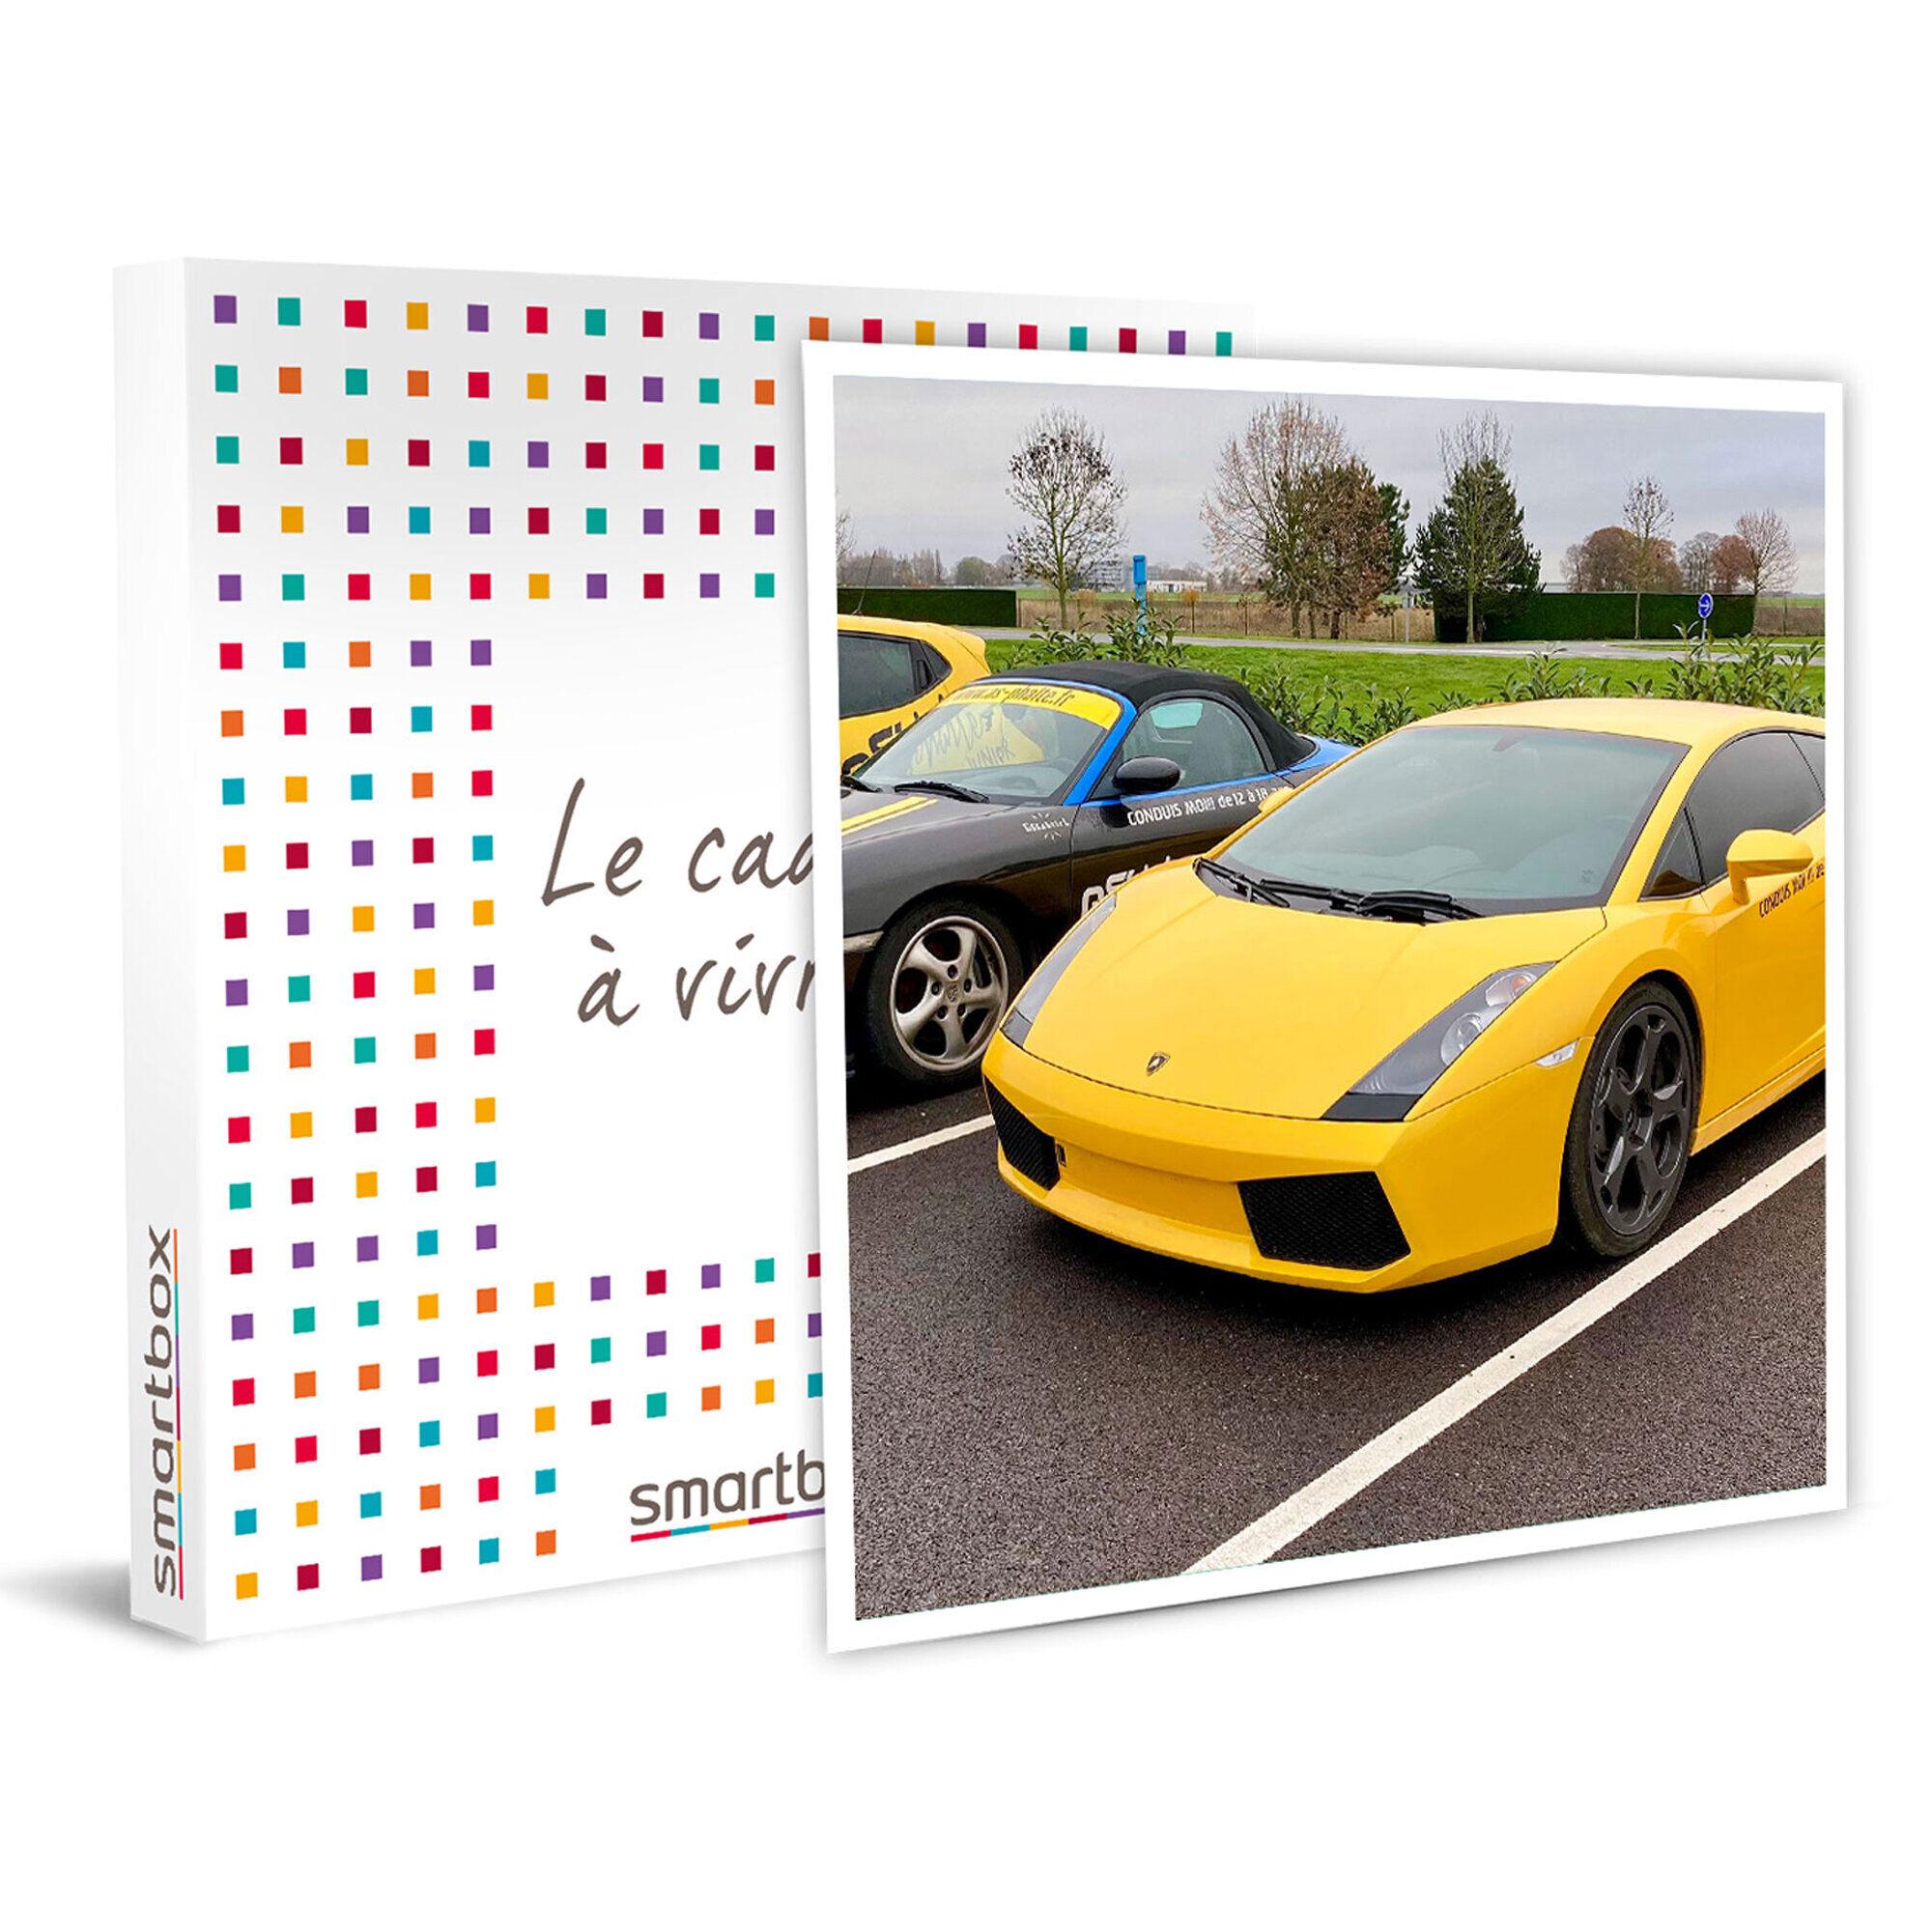 Smartbox Stage de pilotage sur circuit pour enfant au volant d'une Lamborghini Gallardo Coffret cadeau Smartbox